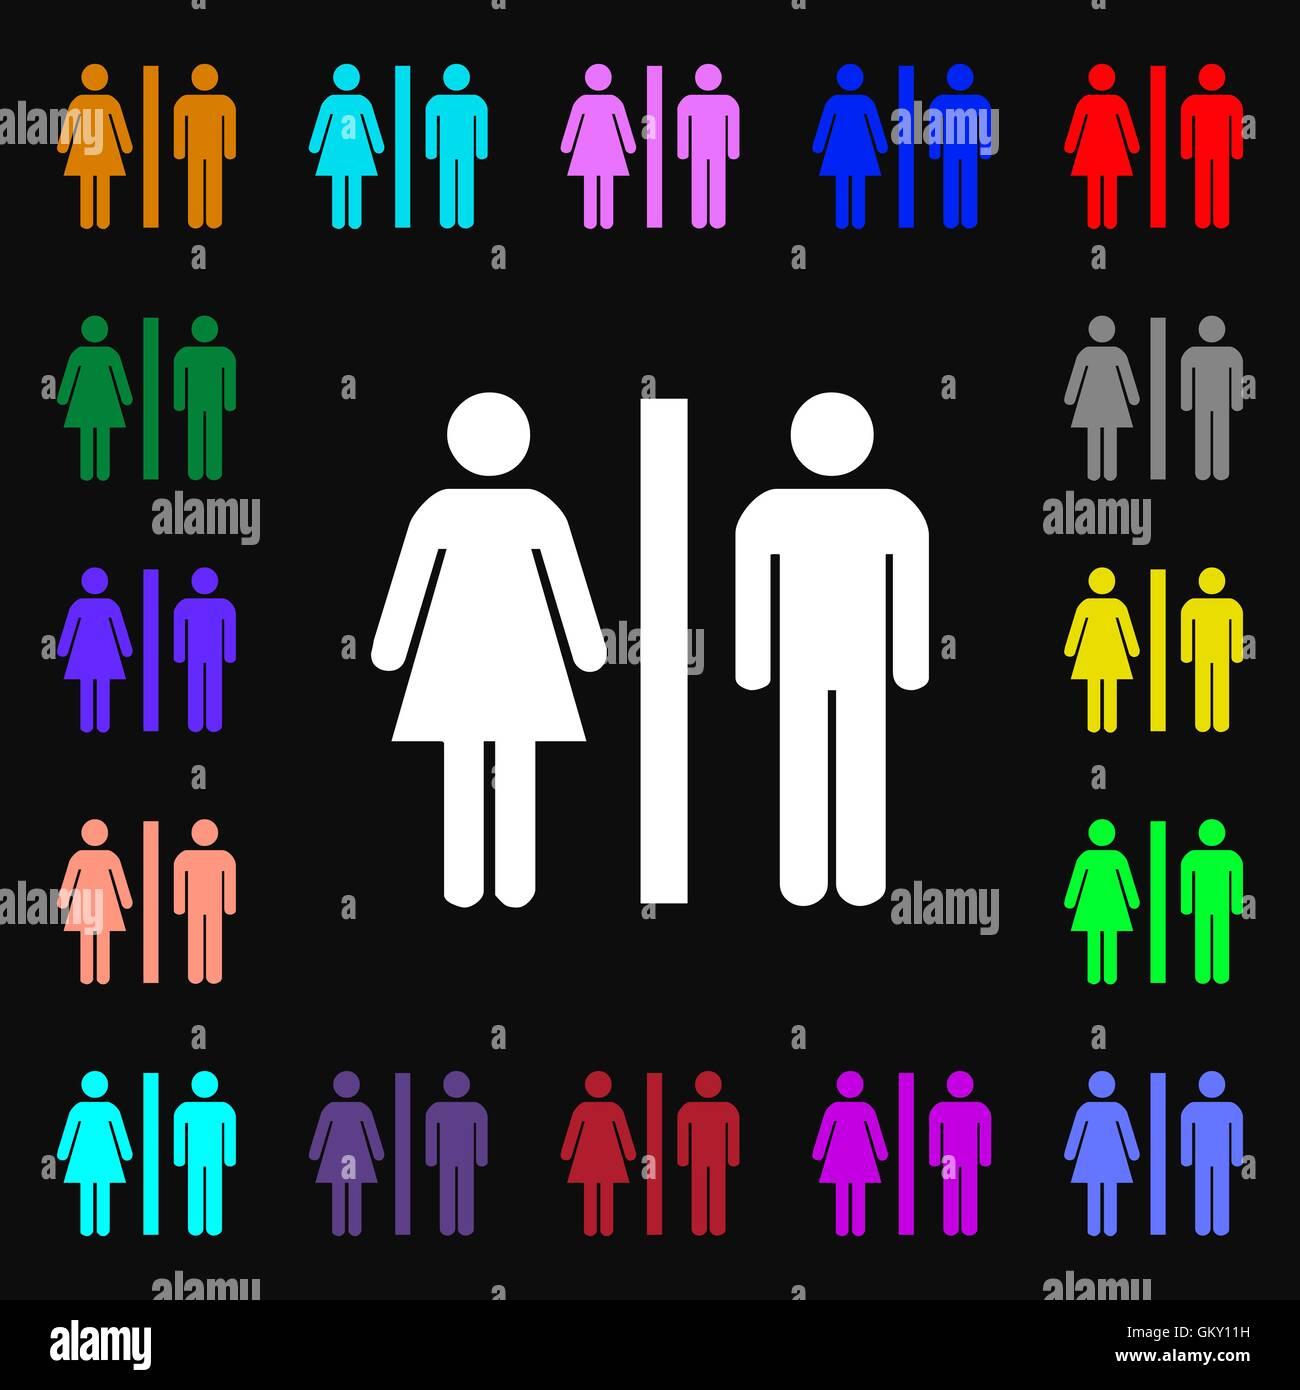 Silhouette d'un homme et une femme signe iconi. Beaucoup de symboles colorés pour votre conception. Vector Illustration de Vecteur